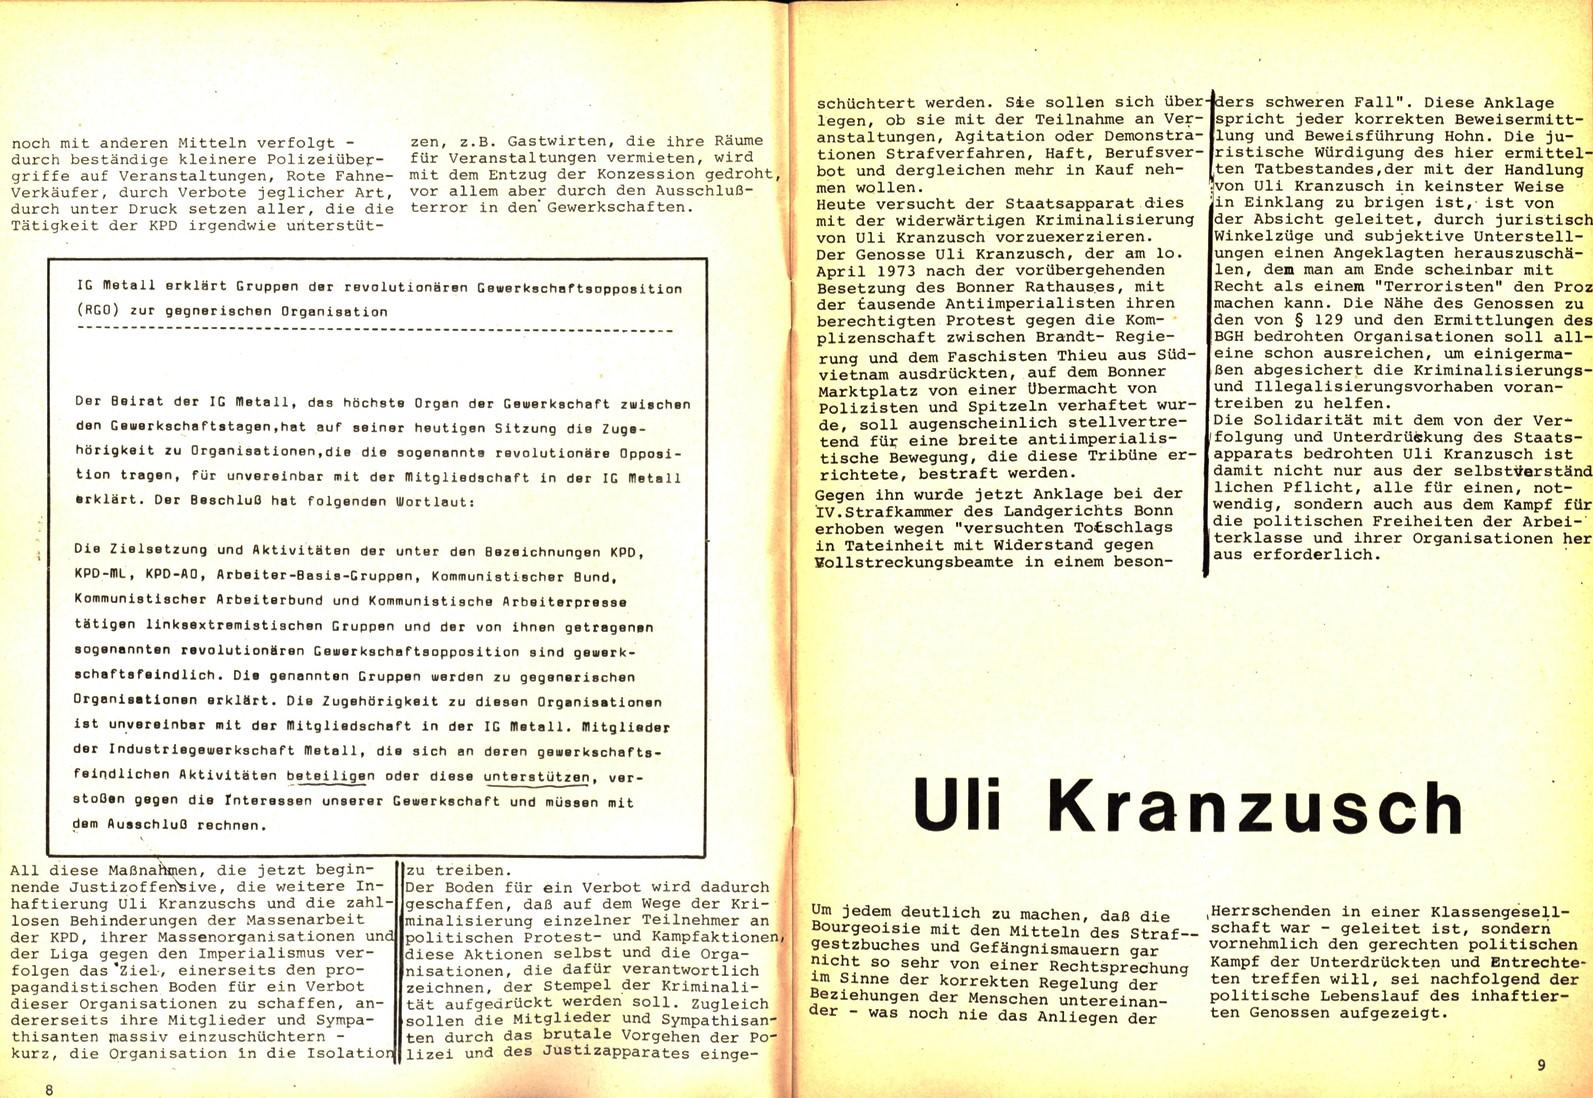 Komitee_Haende_weg_von_der_KPD_1973_Freiheit_fuer_Uli_Kranzusch_06